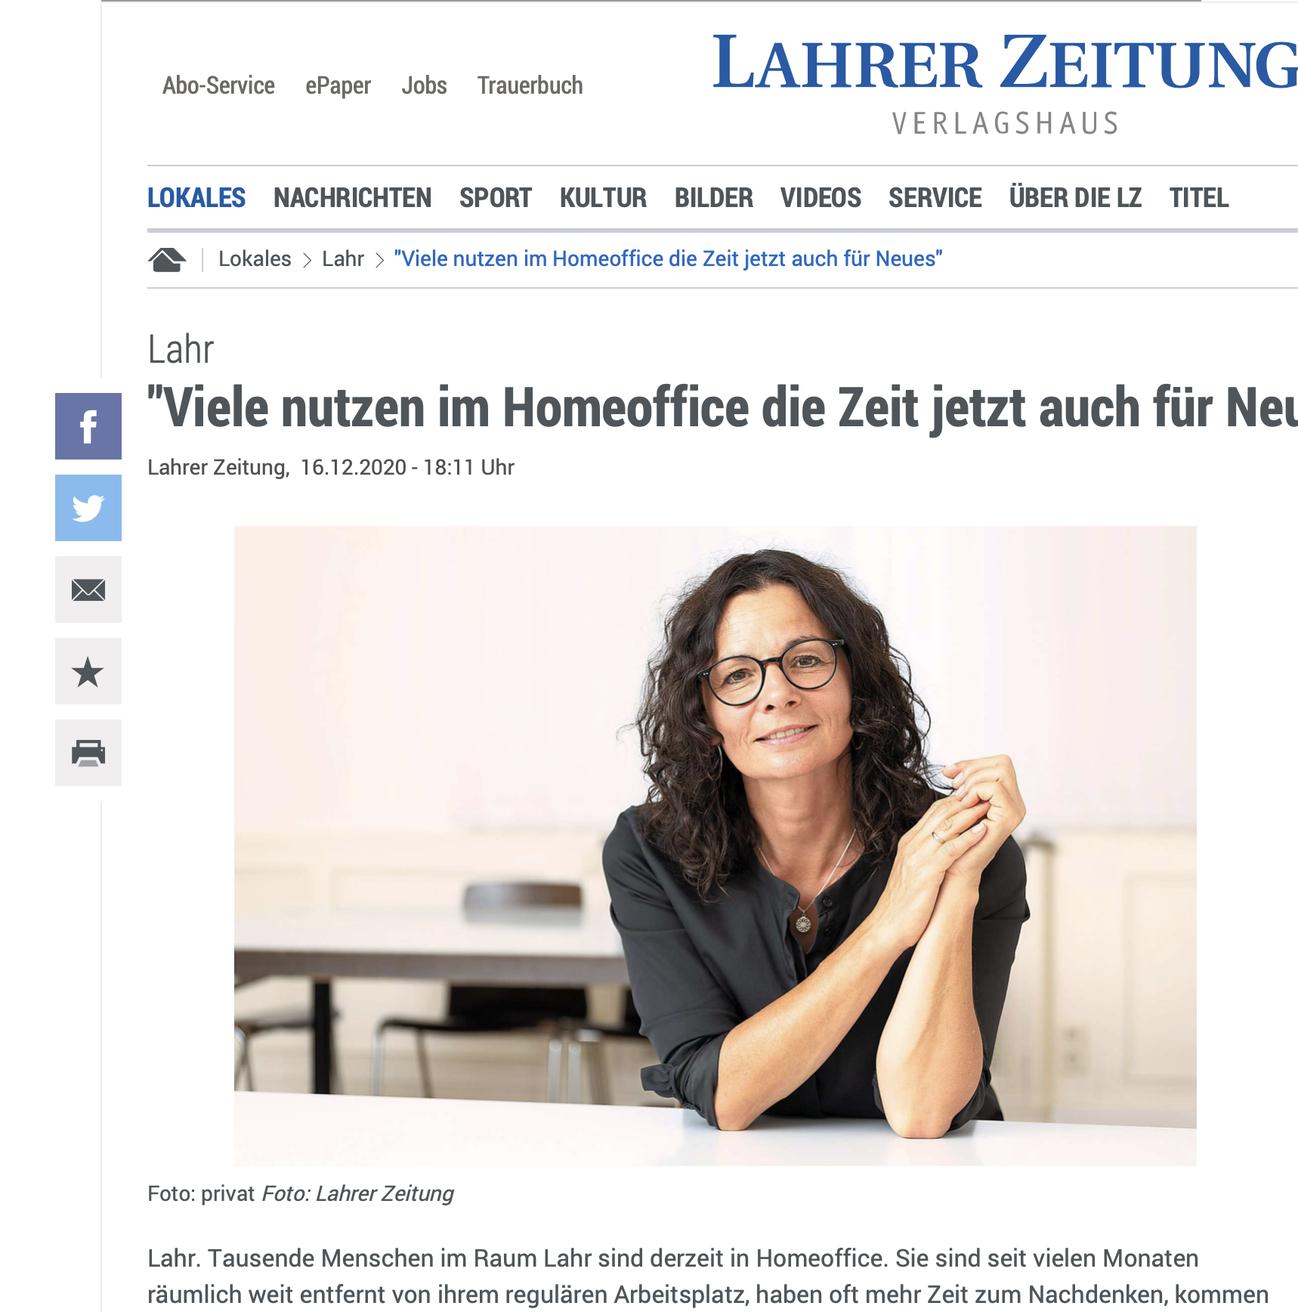 """Artikel der LZ Thema """"Viele nutzen im Homeoffice die Zeit jetzt auch für Neues"""""""